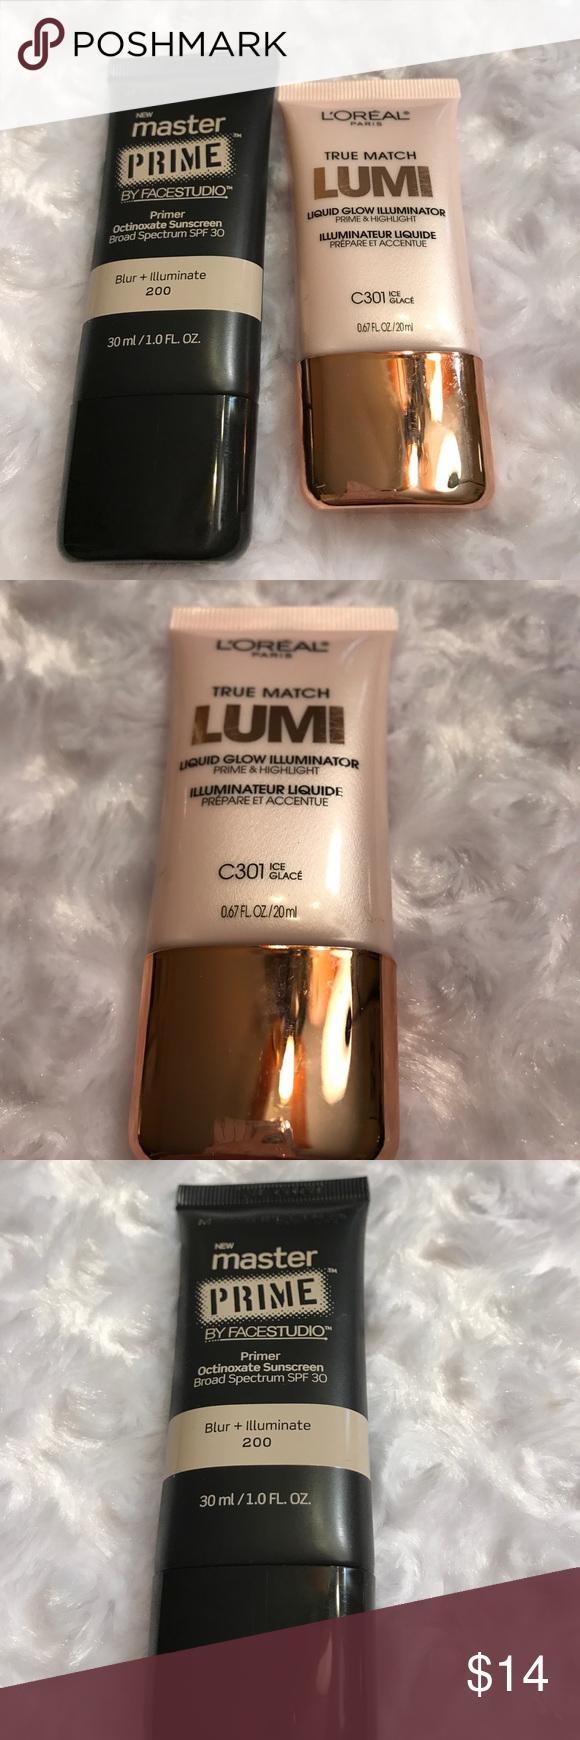 L'Oréal Tru Match Lumi & Master Primer Blur/Illumi L'Oréal